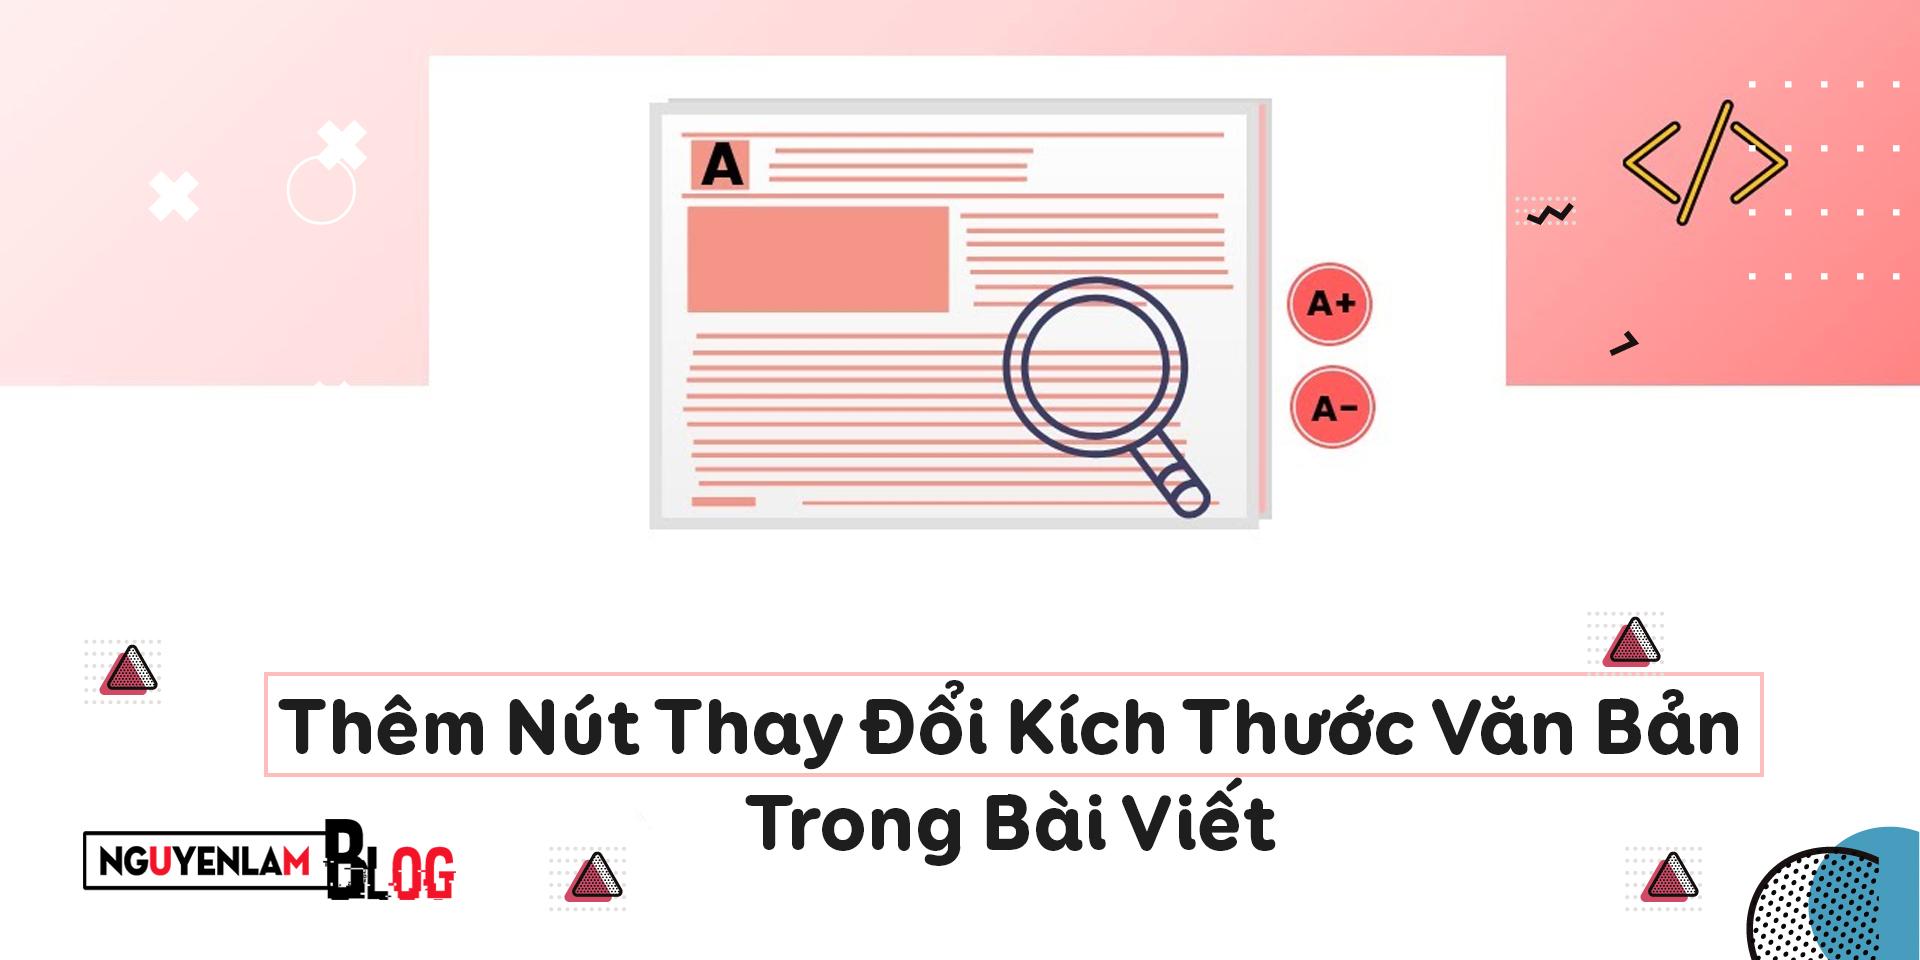 Nguyễn Lâm Blog - Thêm Nút Thay Đổi Kích Thước Văn Bản Trong Bài Viết Trên Blogger